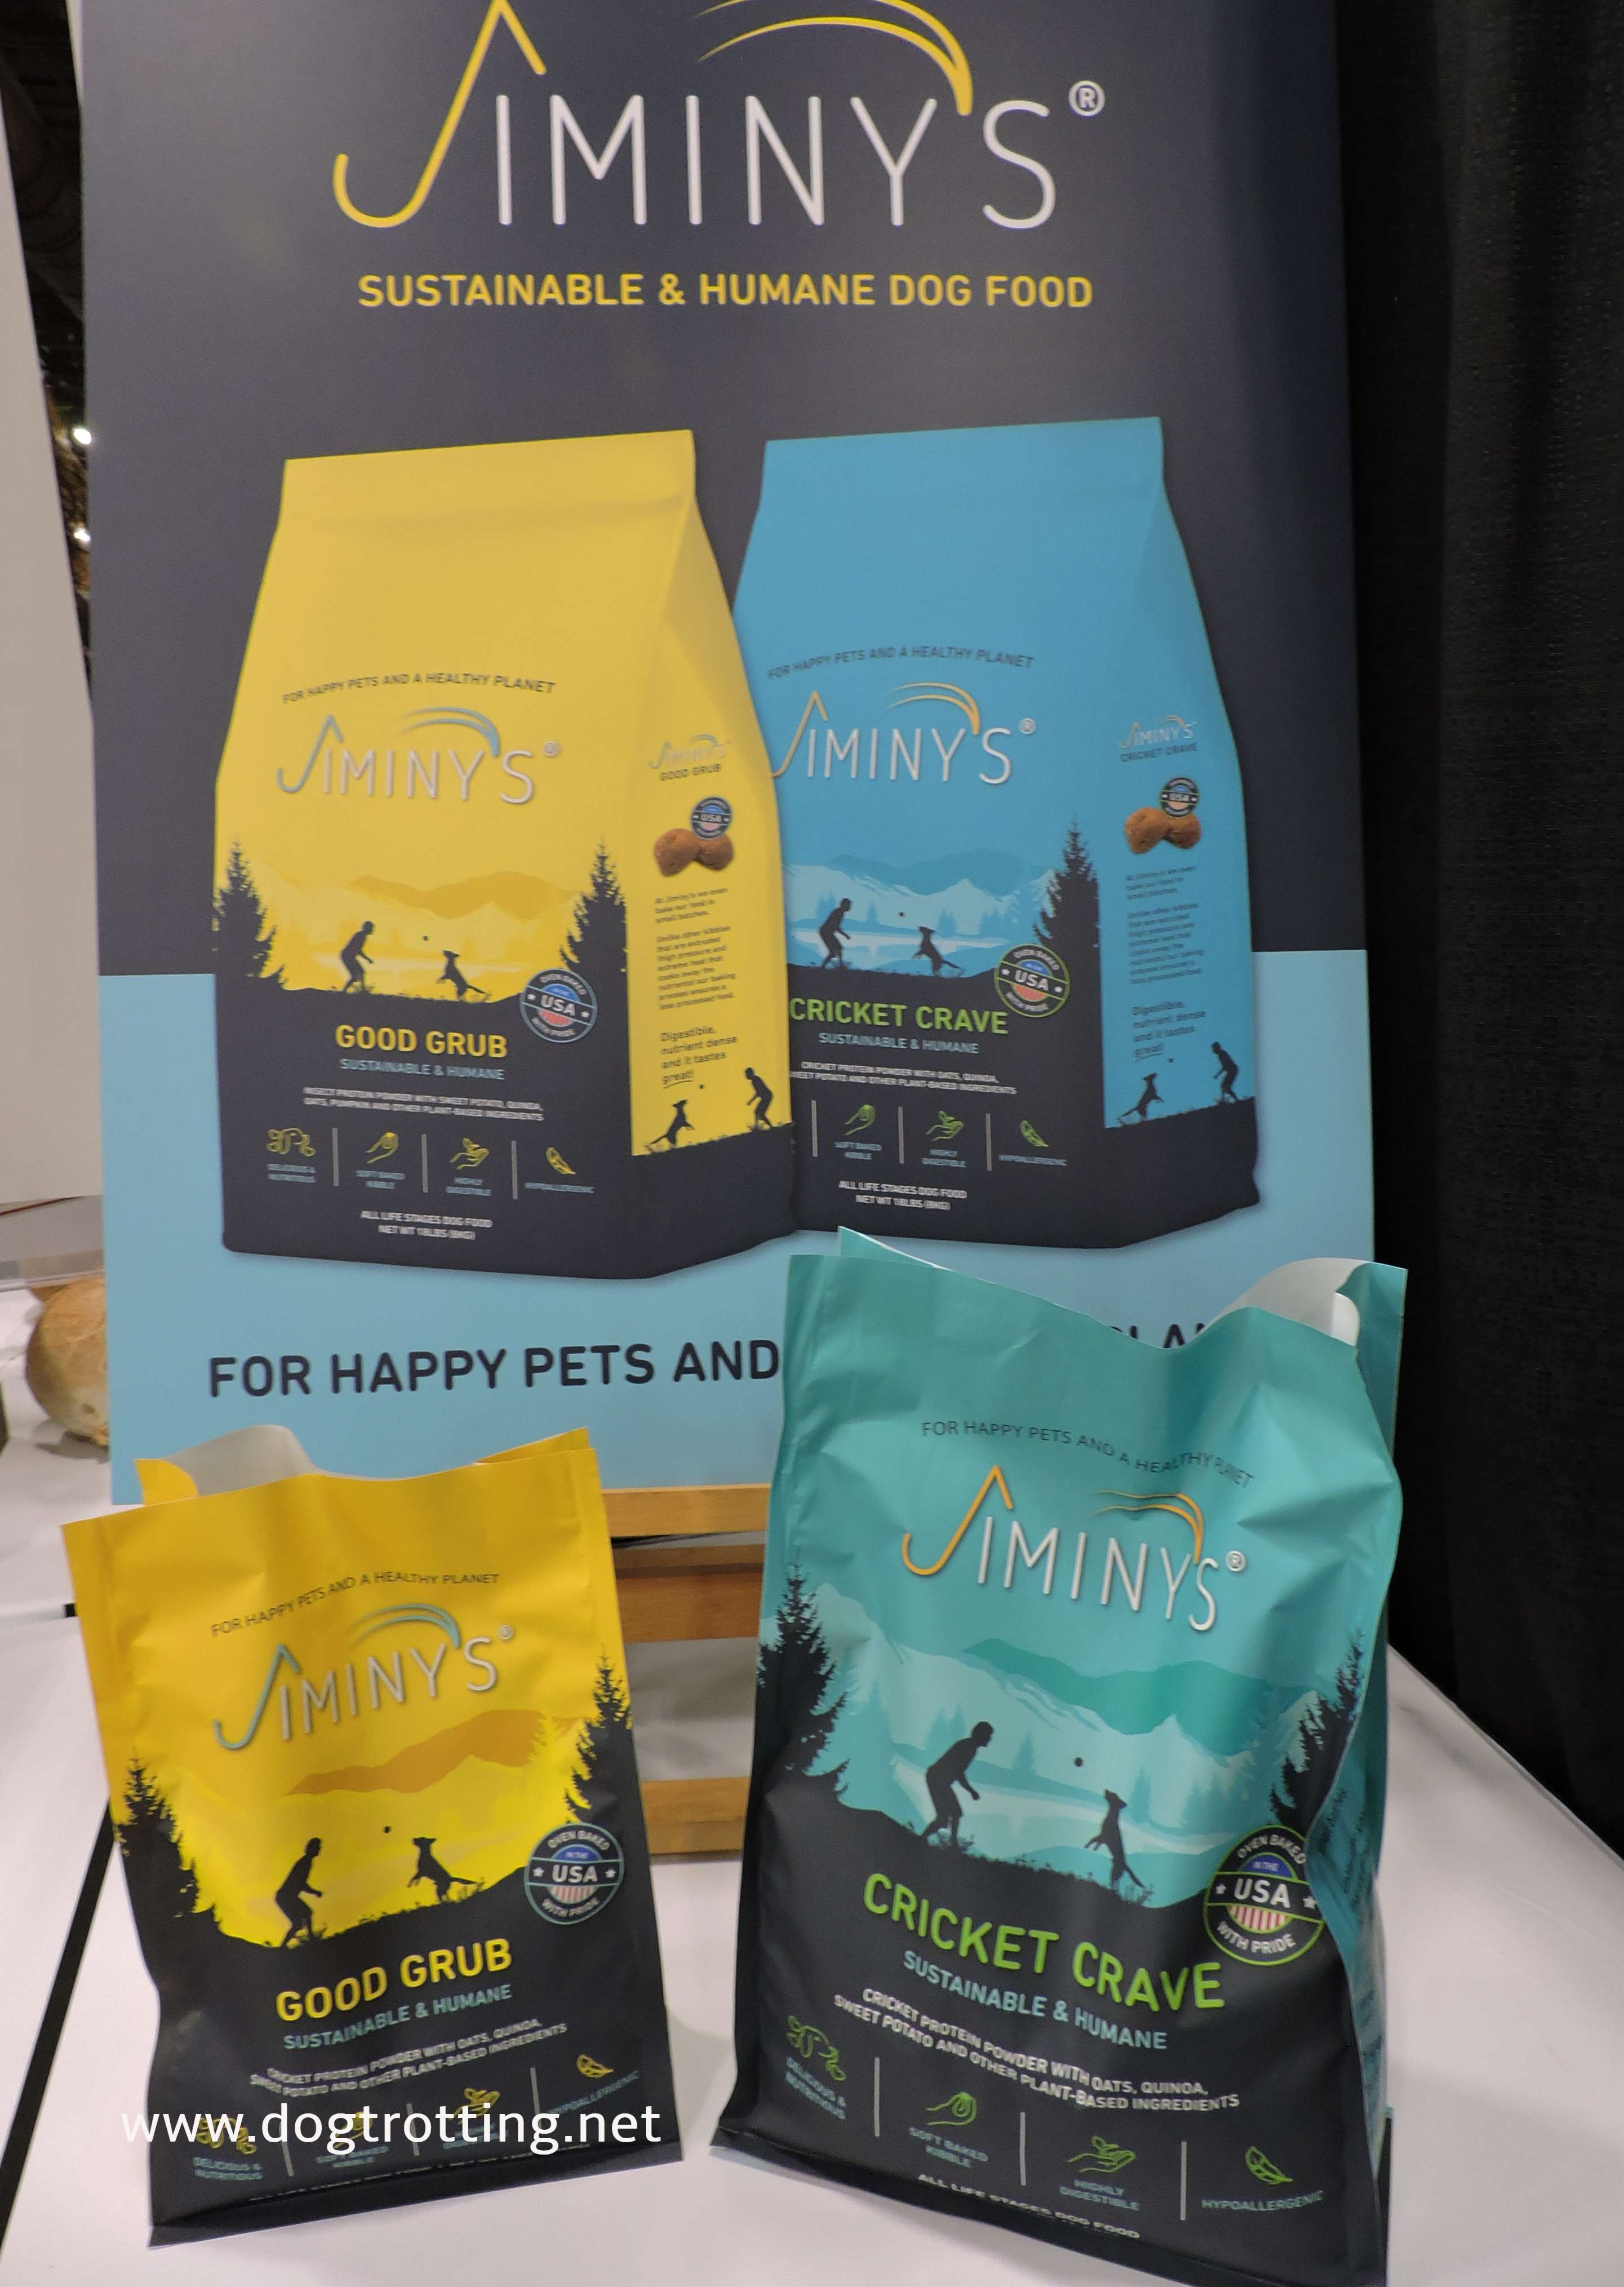 two bags of jiminy's crickets dog treats